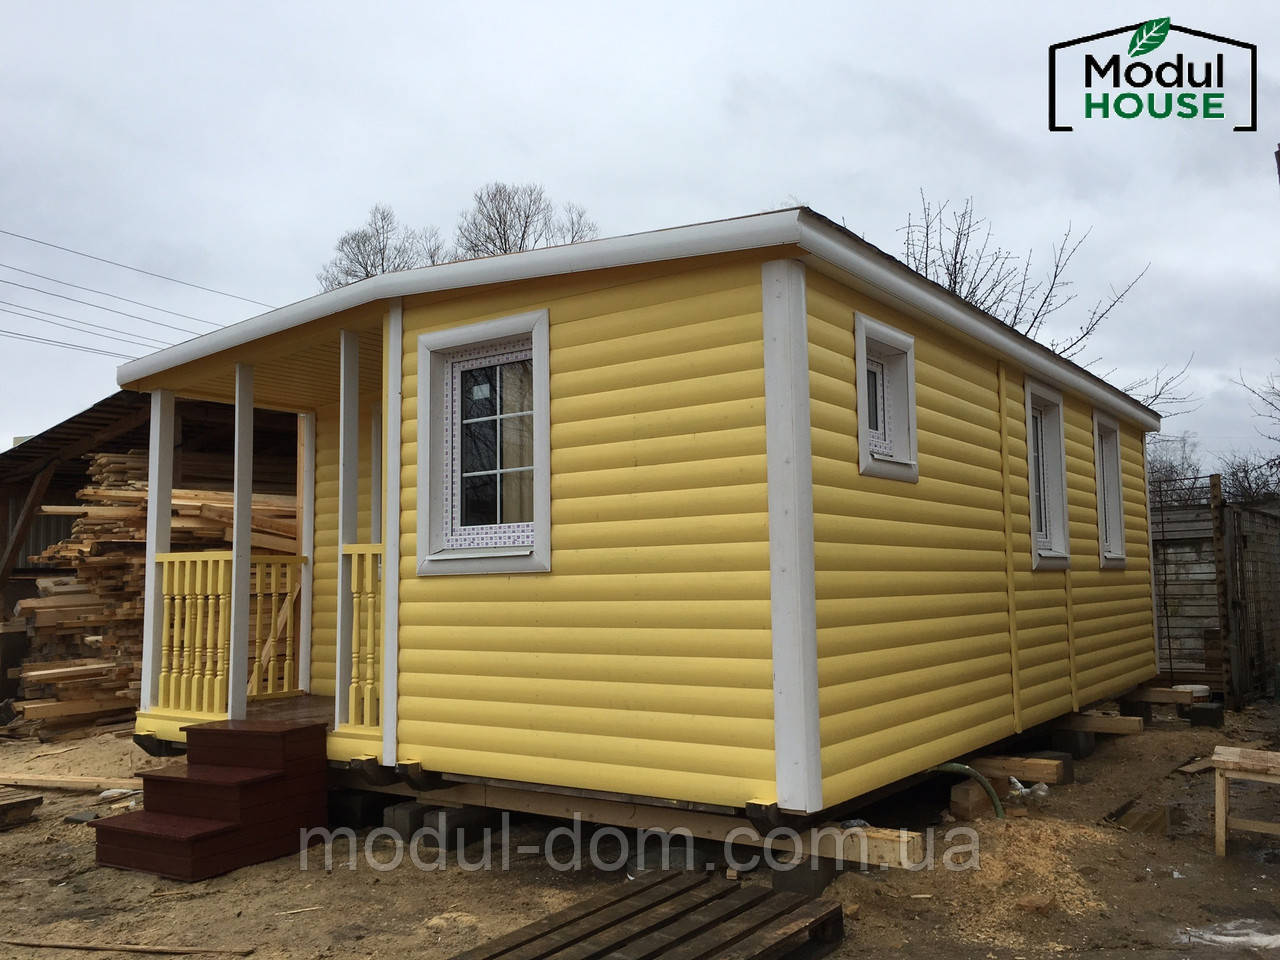 Модульное строительство домов, Модульные всесезонные дома от производителя